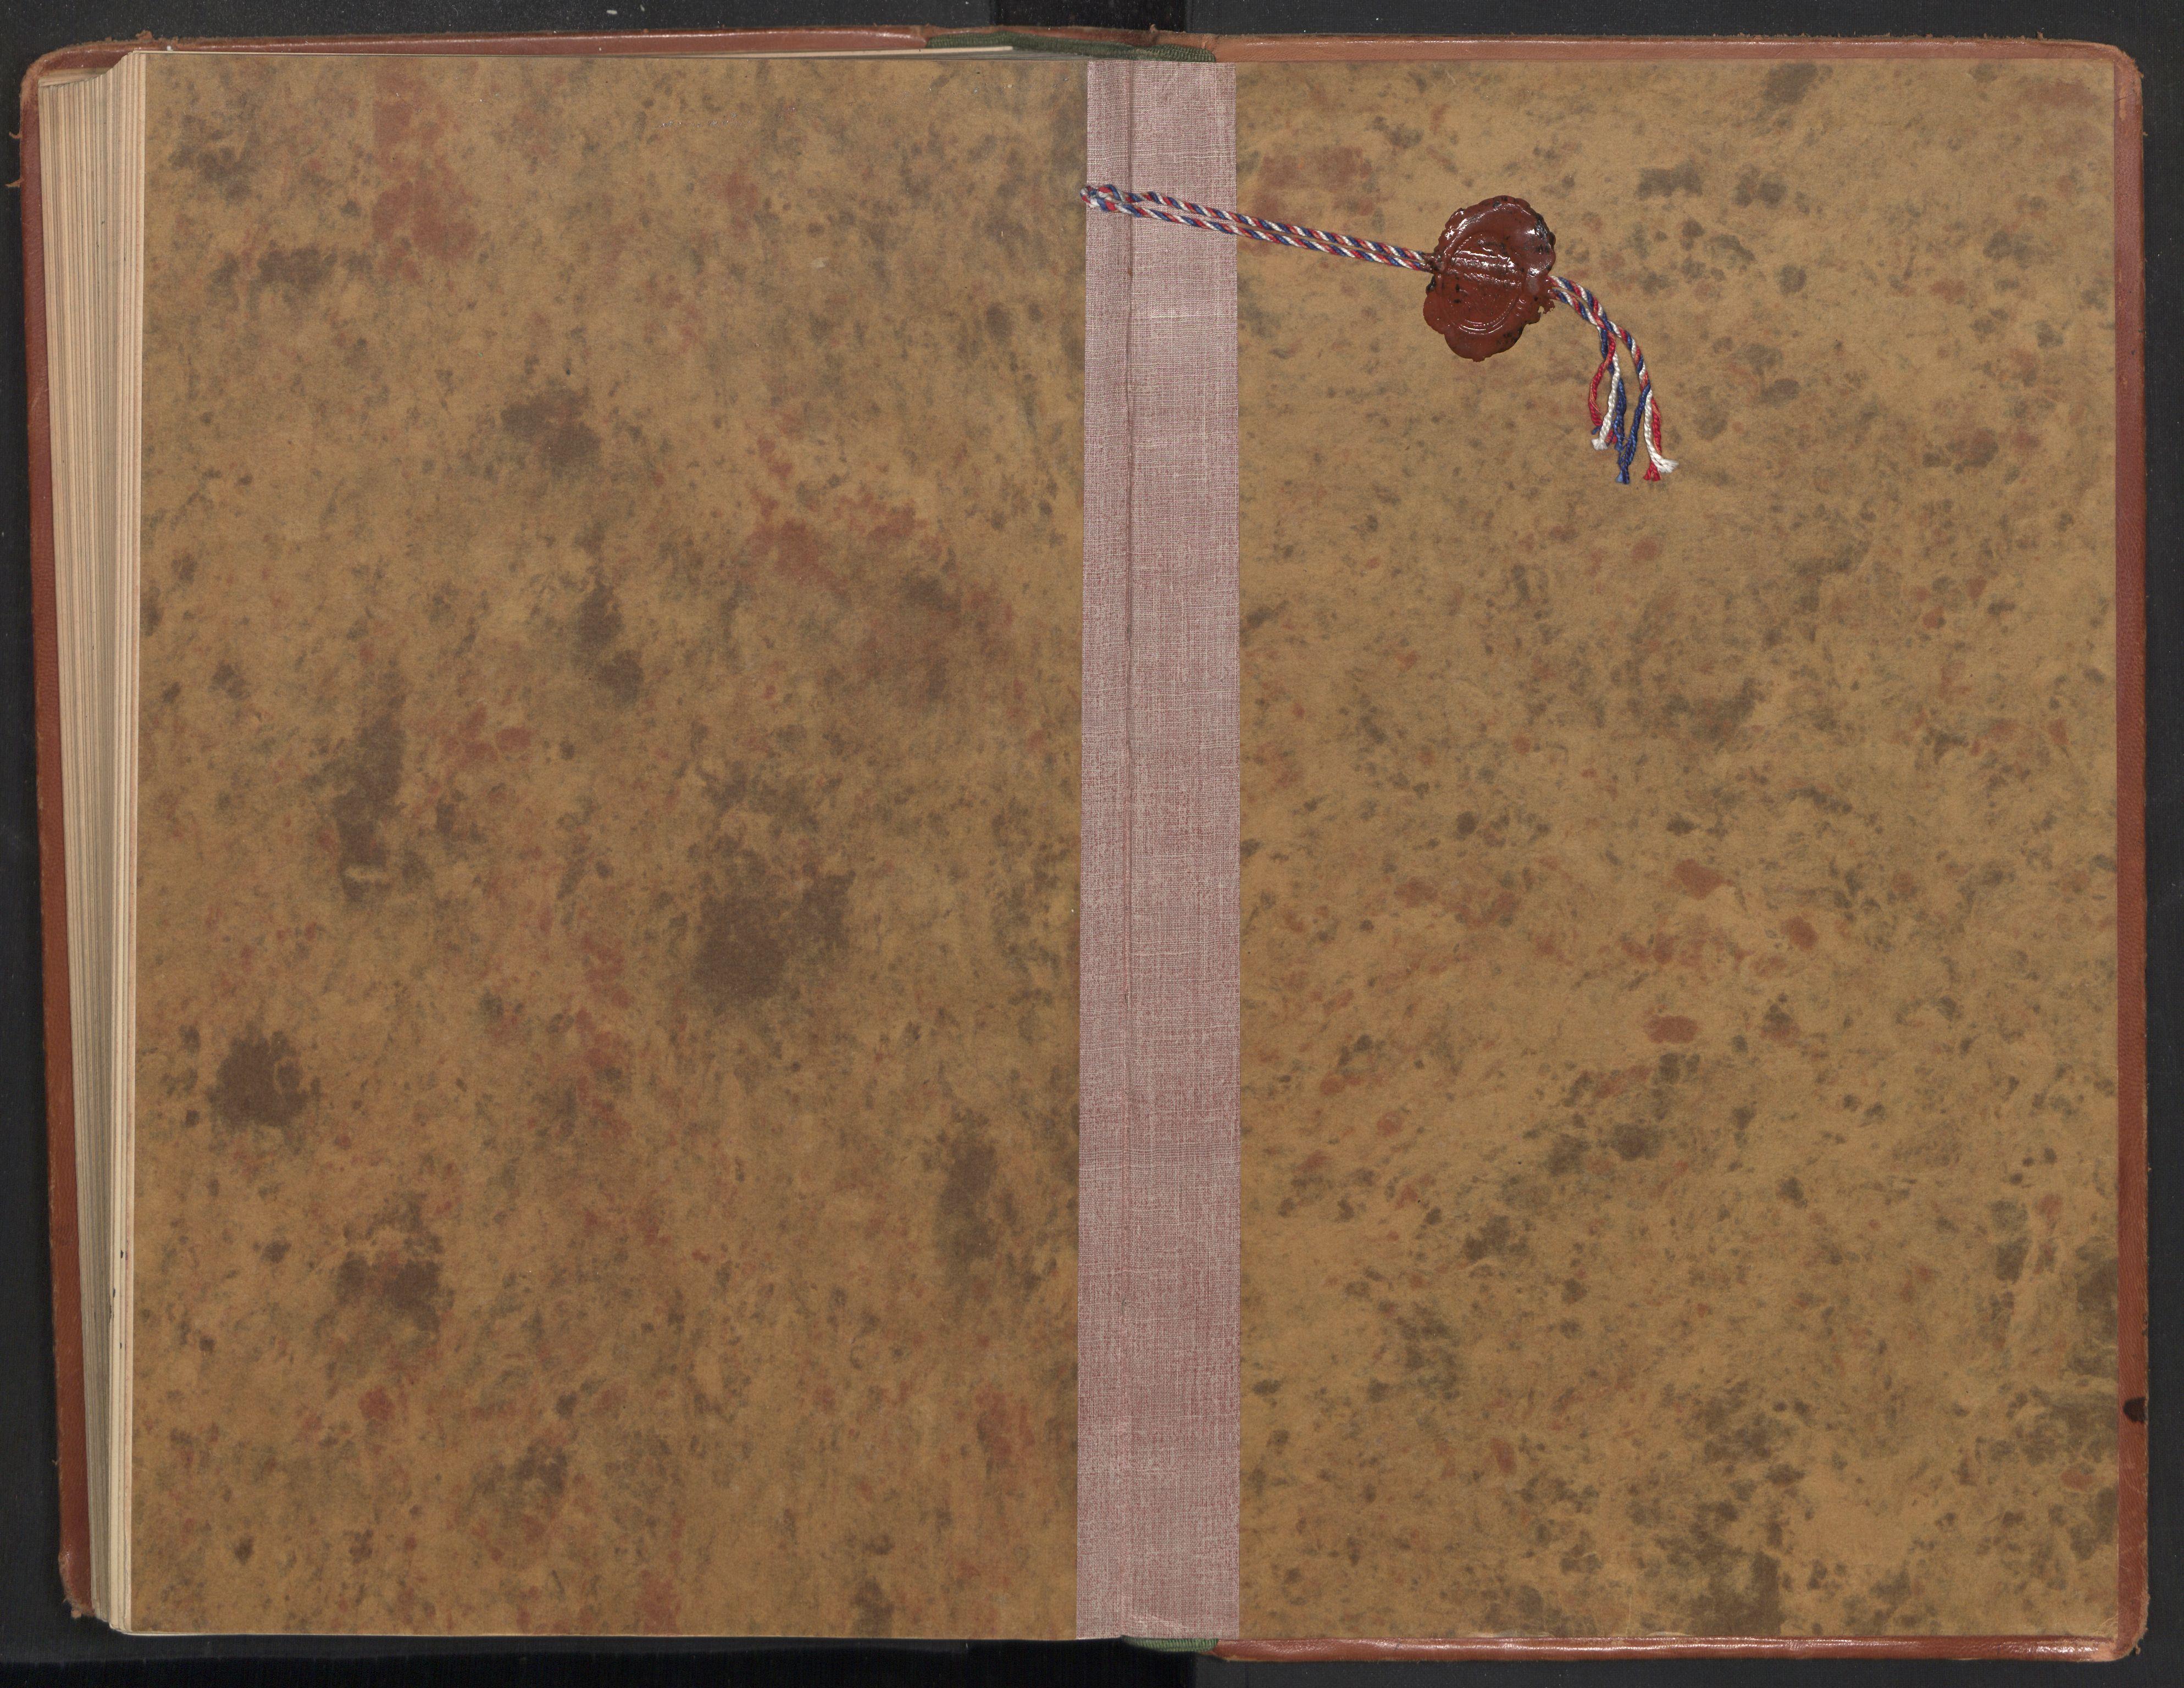 SAT, Ministerialprotokoller, klokkerbøker og fødselsregistre - Sør-Trøndelag, 604/L0208: Ministerialbok nr. 604A28, 1923-1937